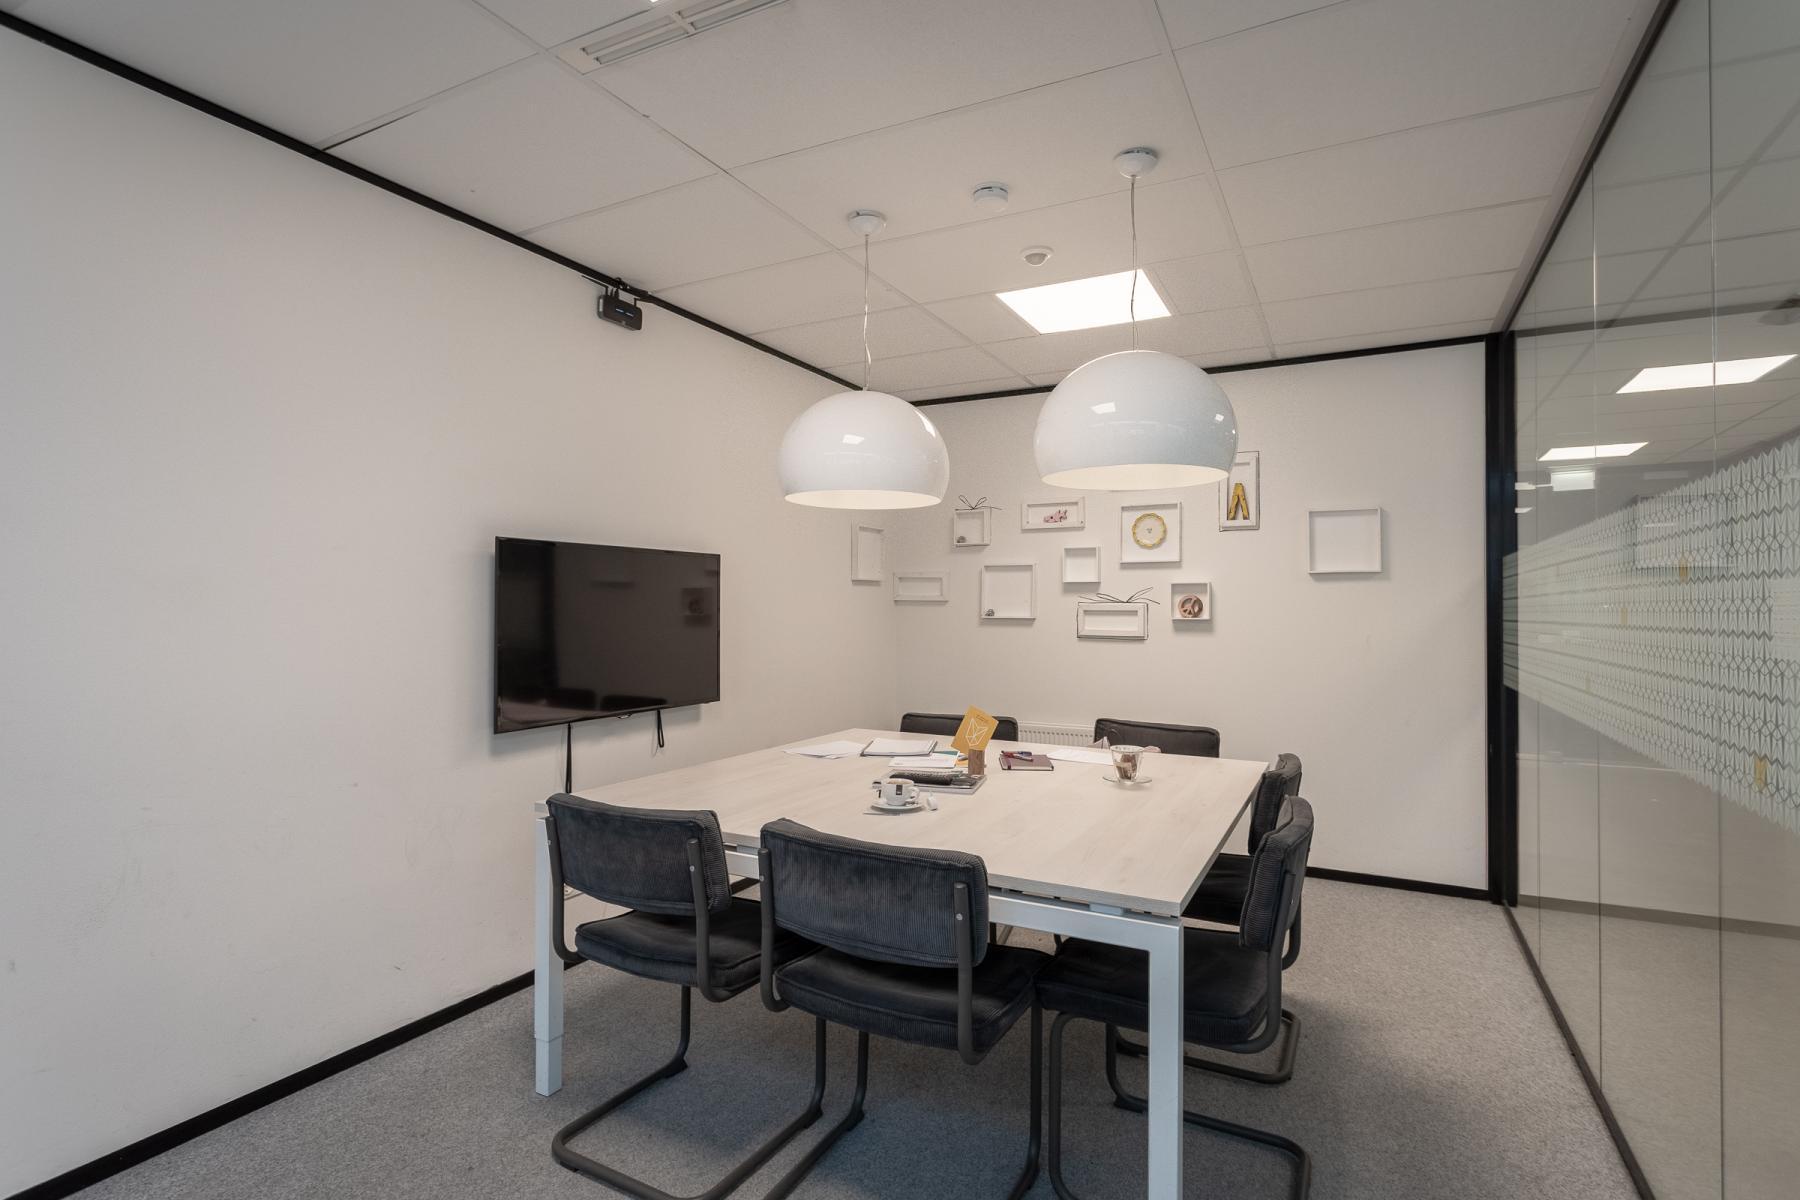 vergaderruimte vergaderzaal overlegruimte Arnhem flexplekken werkplekken